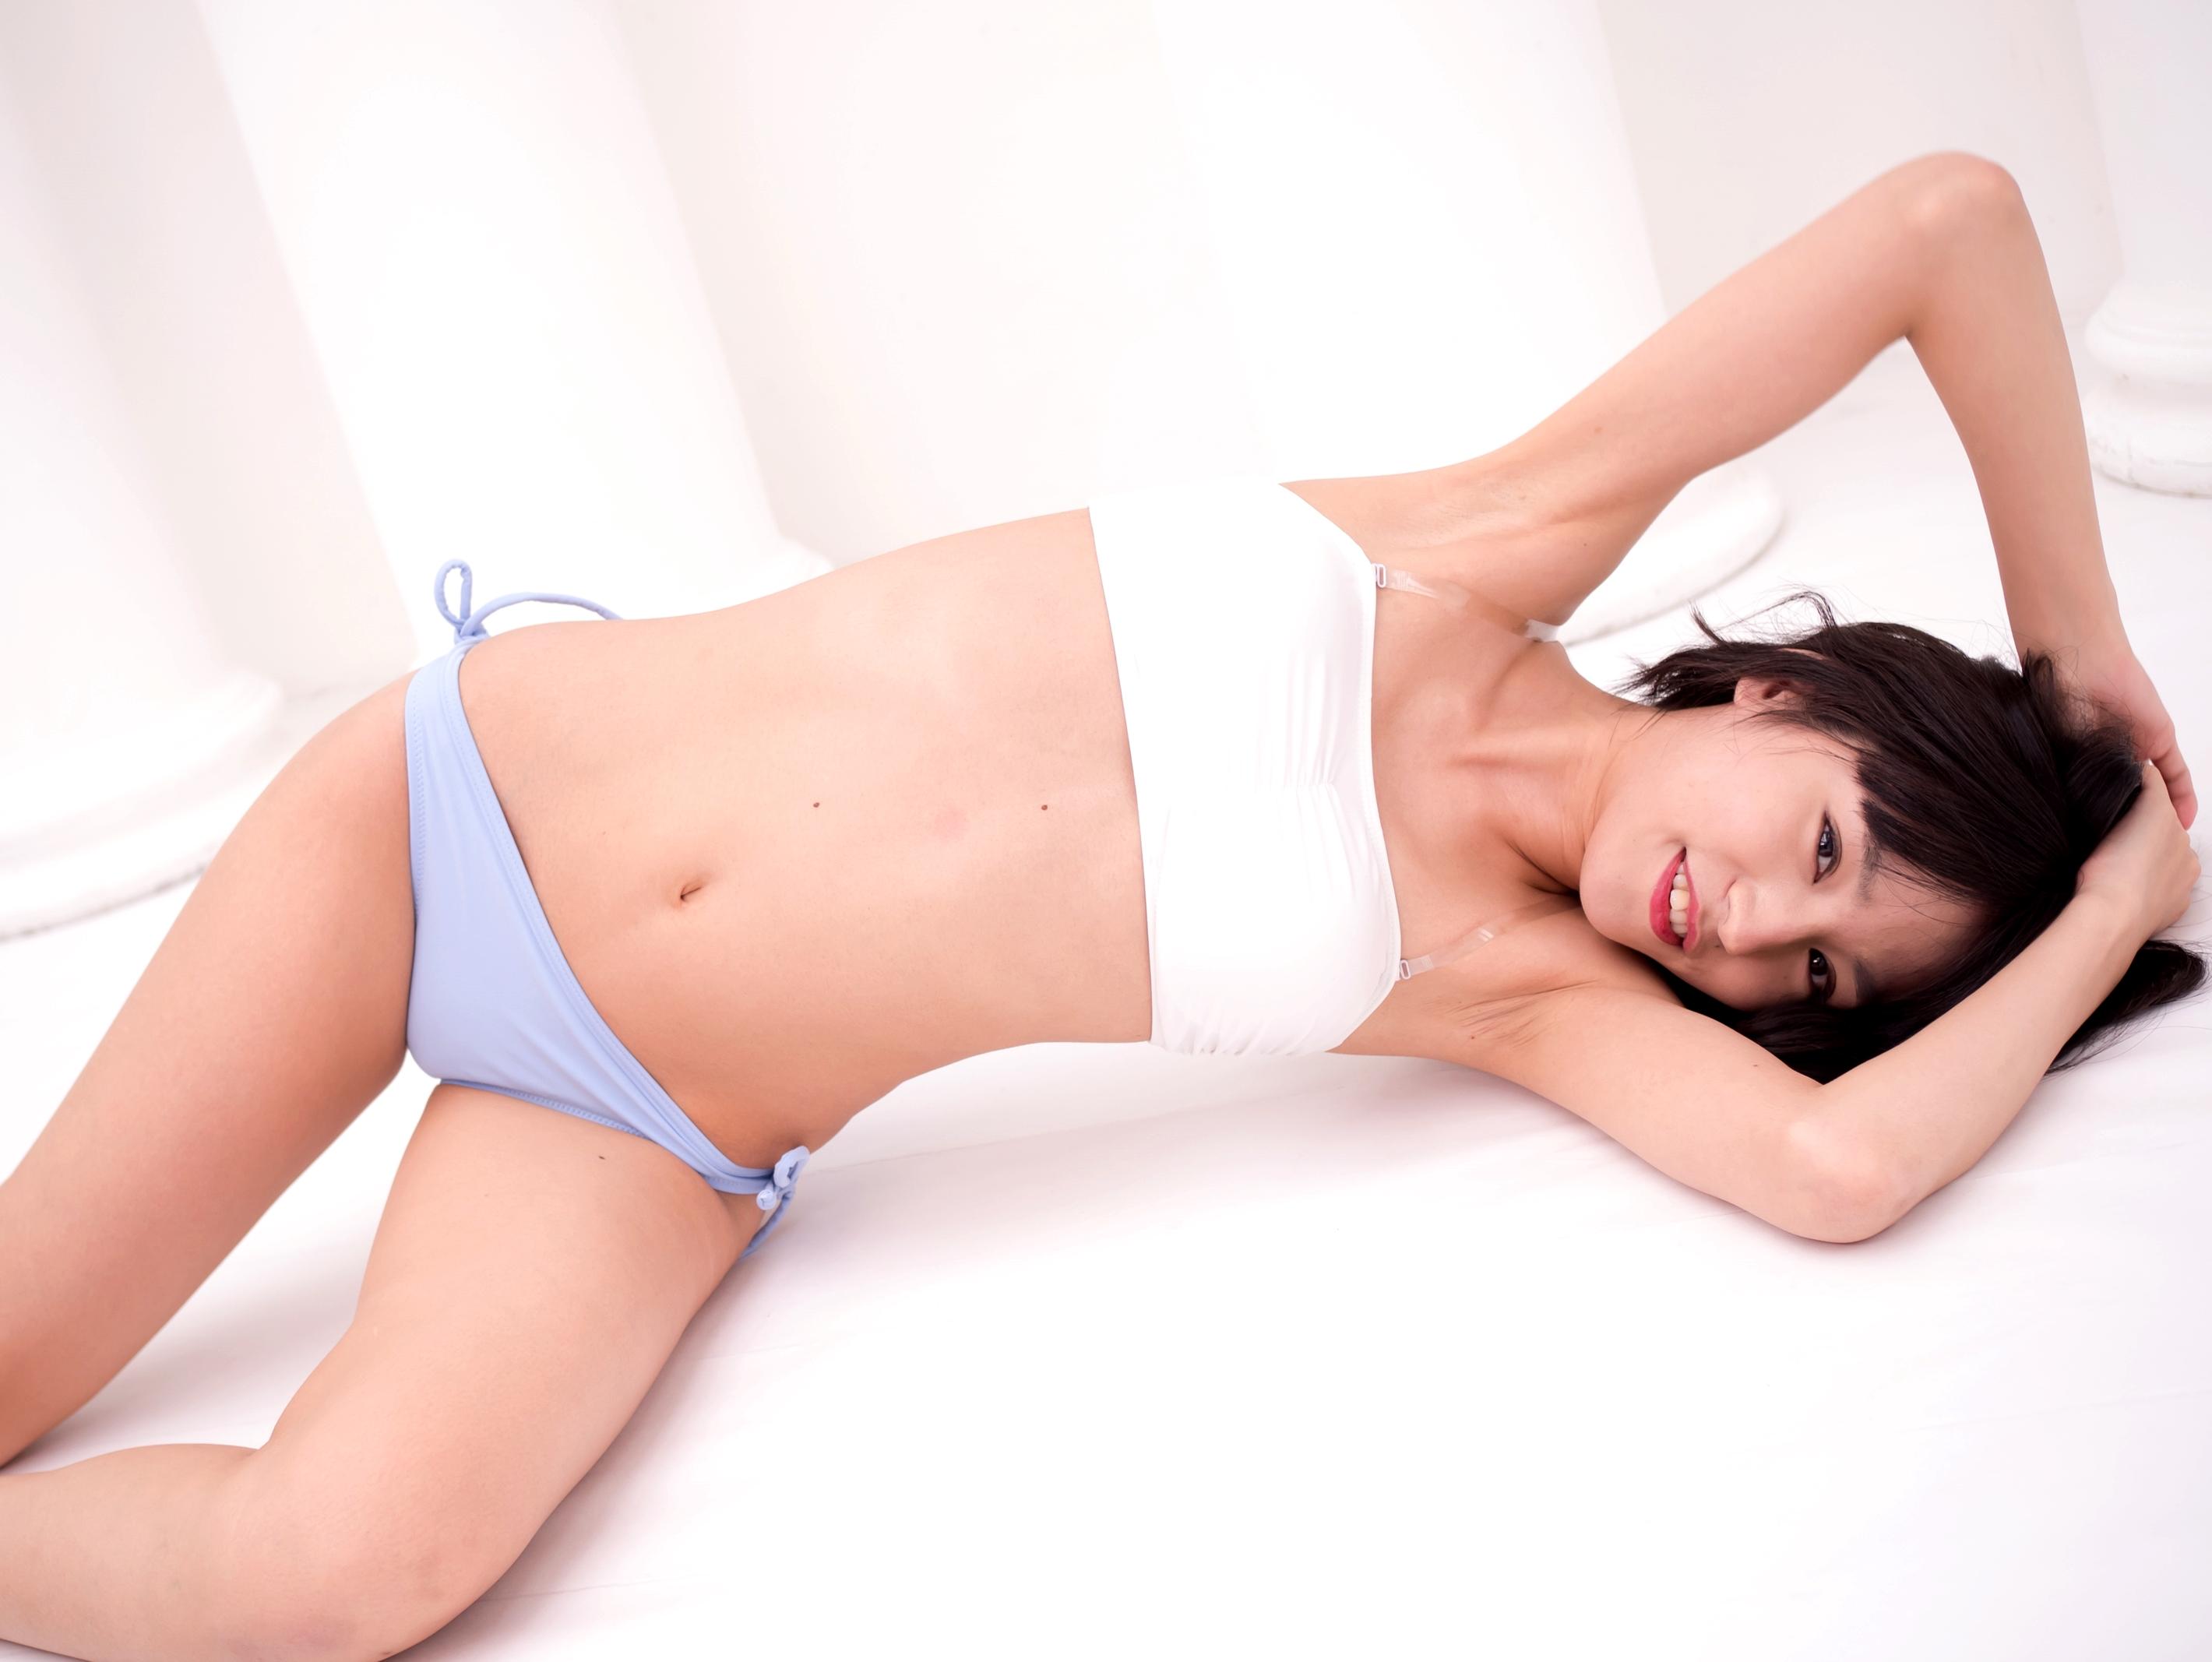 保田真愛のシワ腋 (1)